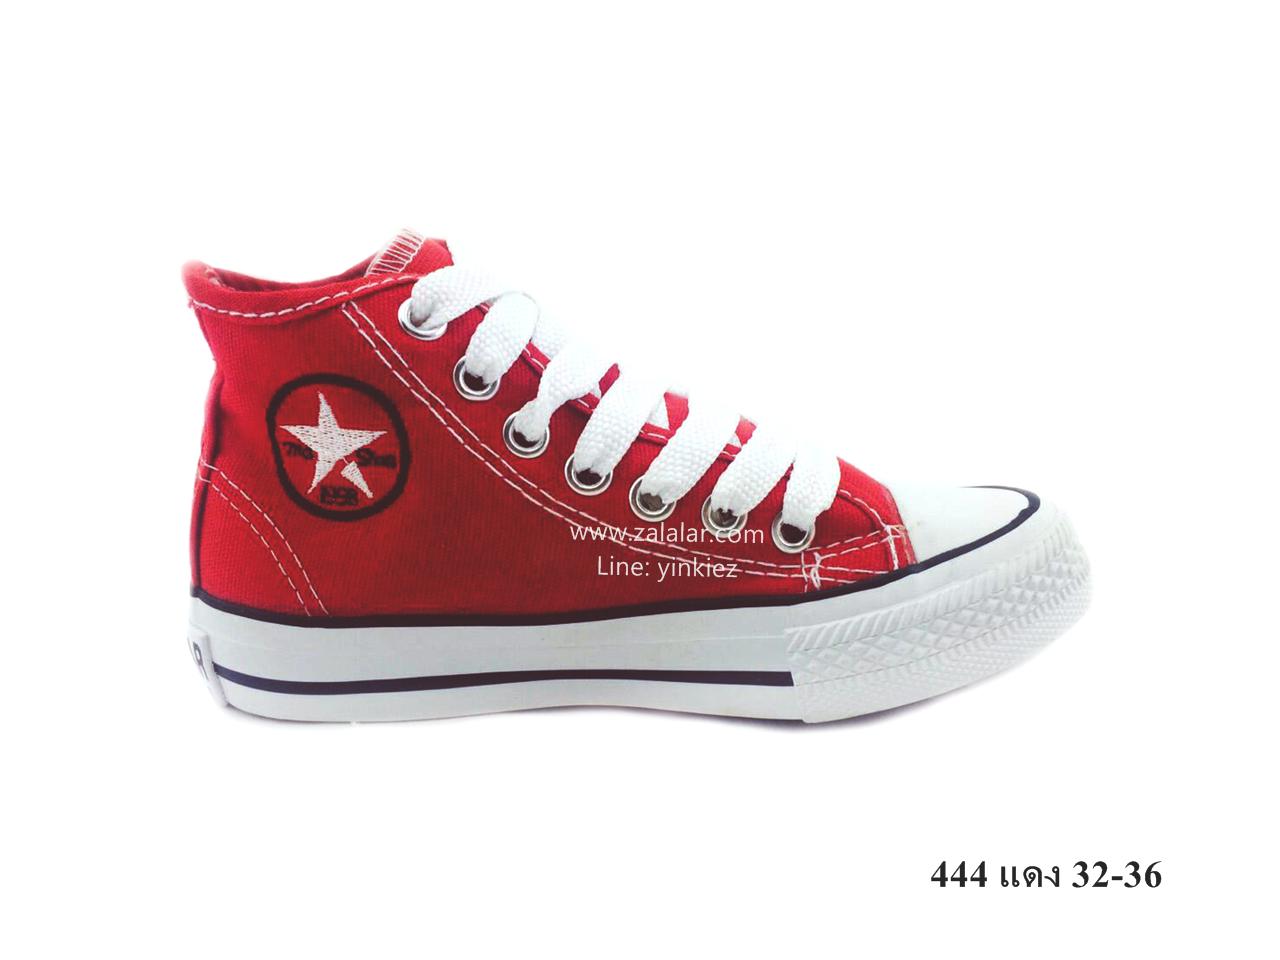 [พร้อมส่ง] รองเท้าผ้าใบเด็กแฟชั่น รุ่น 444 สีแดง (หุ้มข้อ)